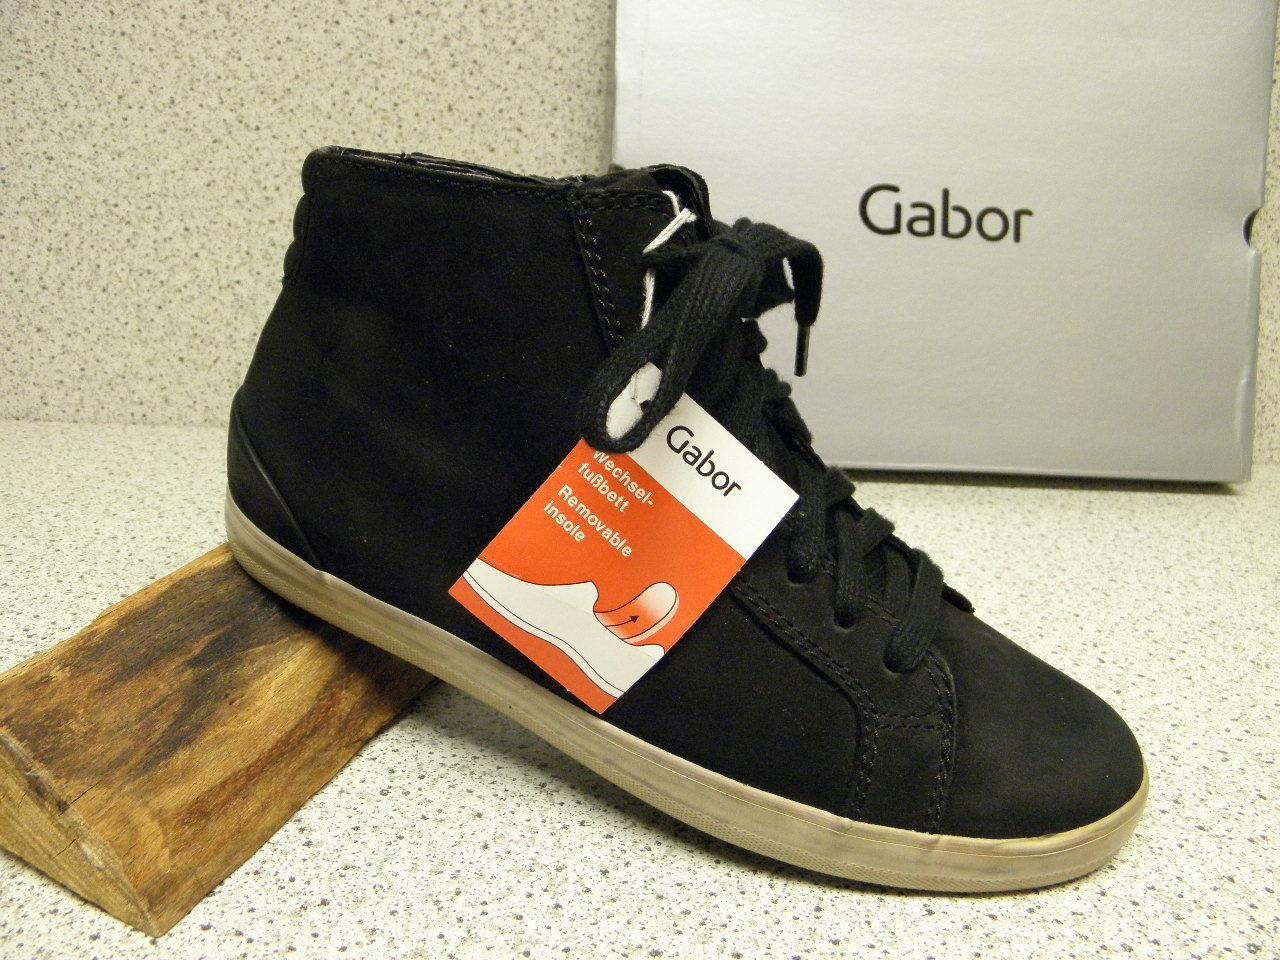 Gabor ®  rotuziert, SALE bisher    schwarz (D741)  Gr. 38  | Modern Und Elegant  | Zuverlässiger Ruf  | Verkauf